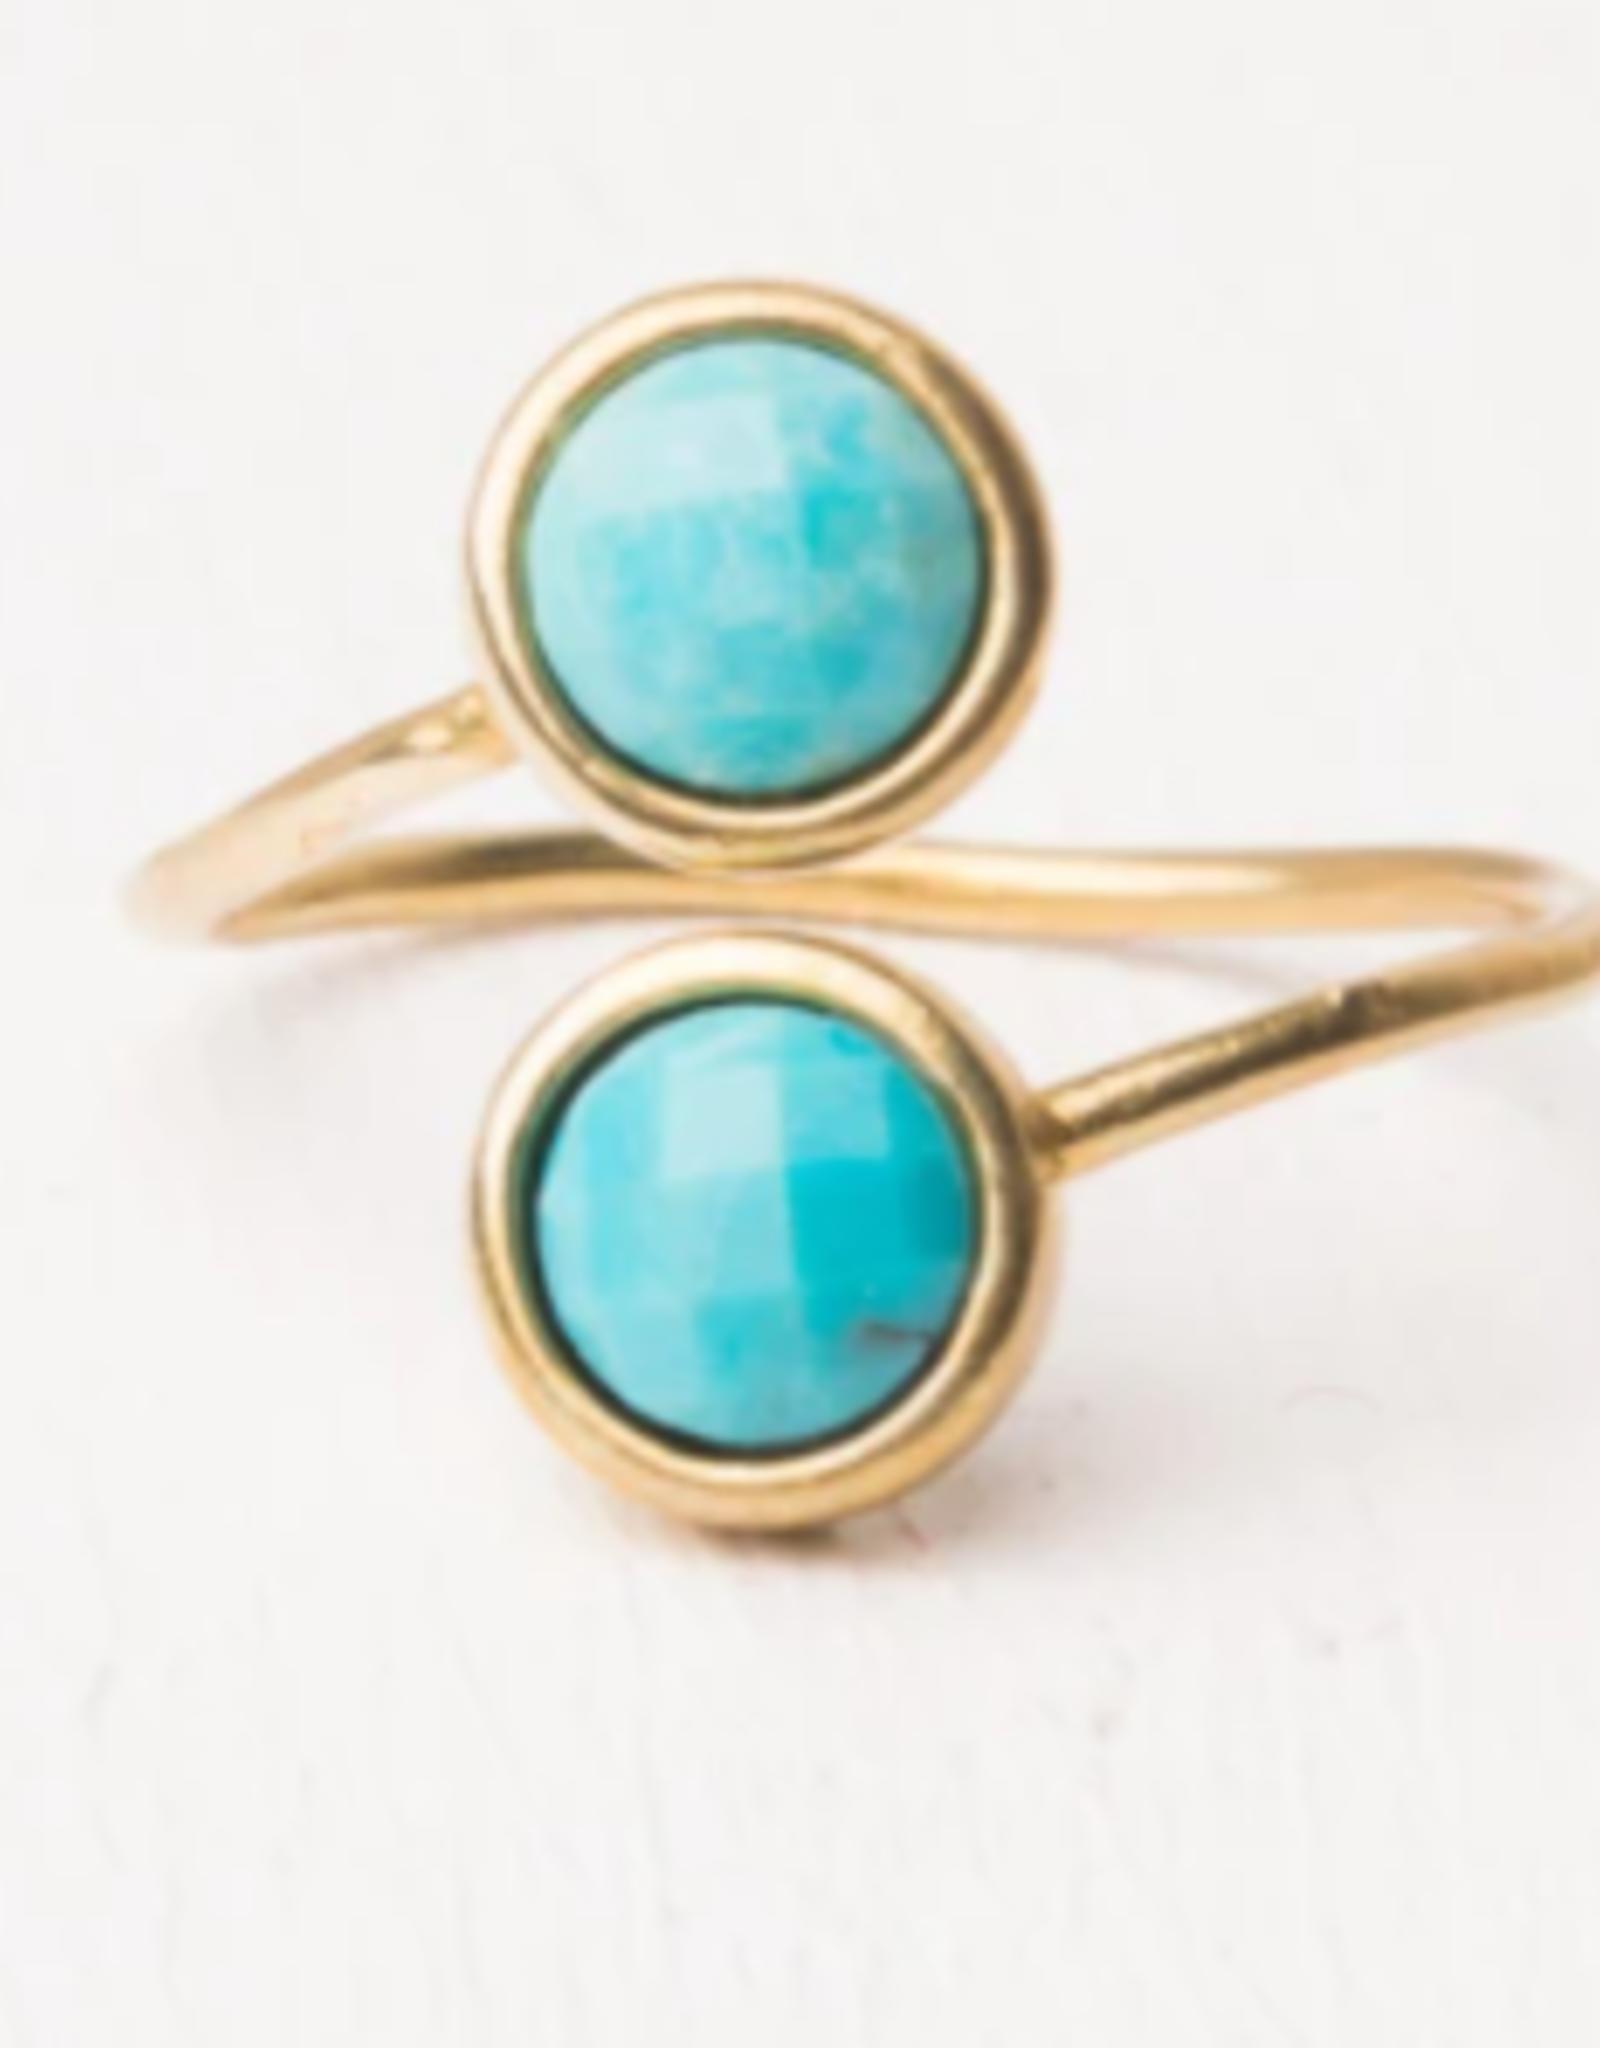 Turquoise & Gold Wrap Ring, Maddison